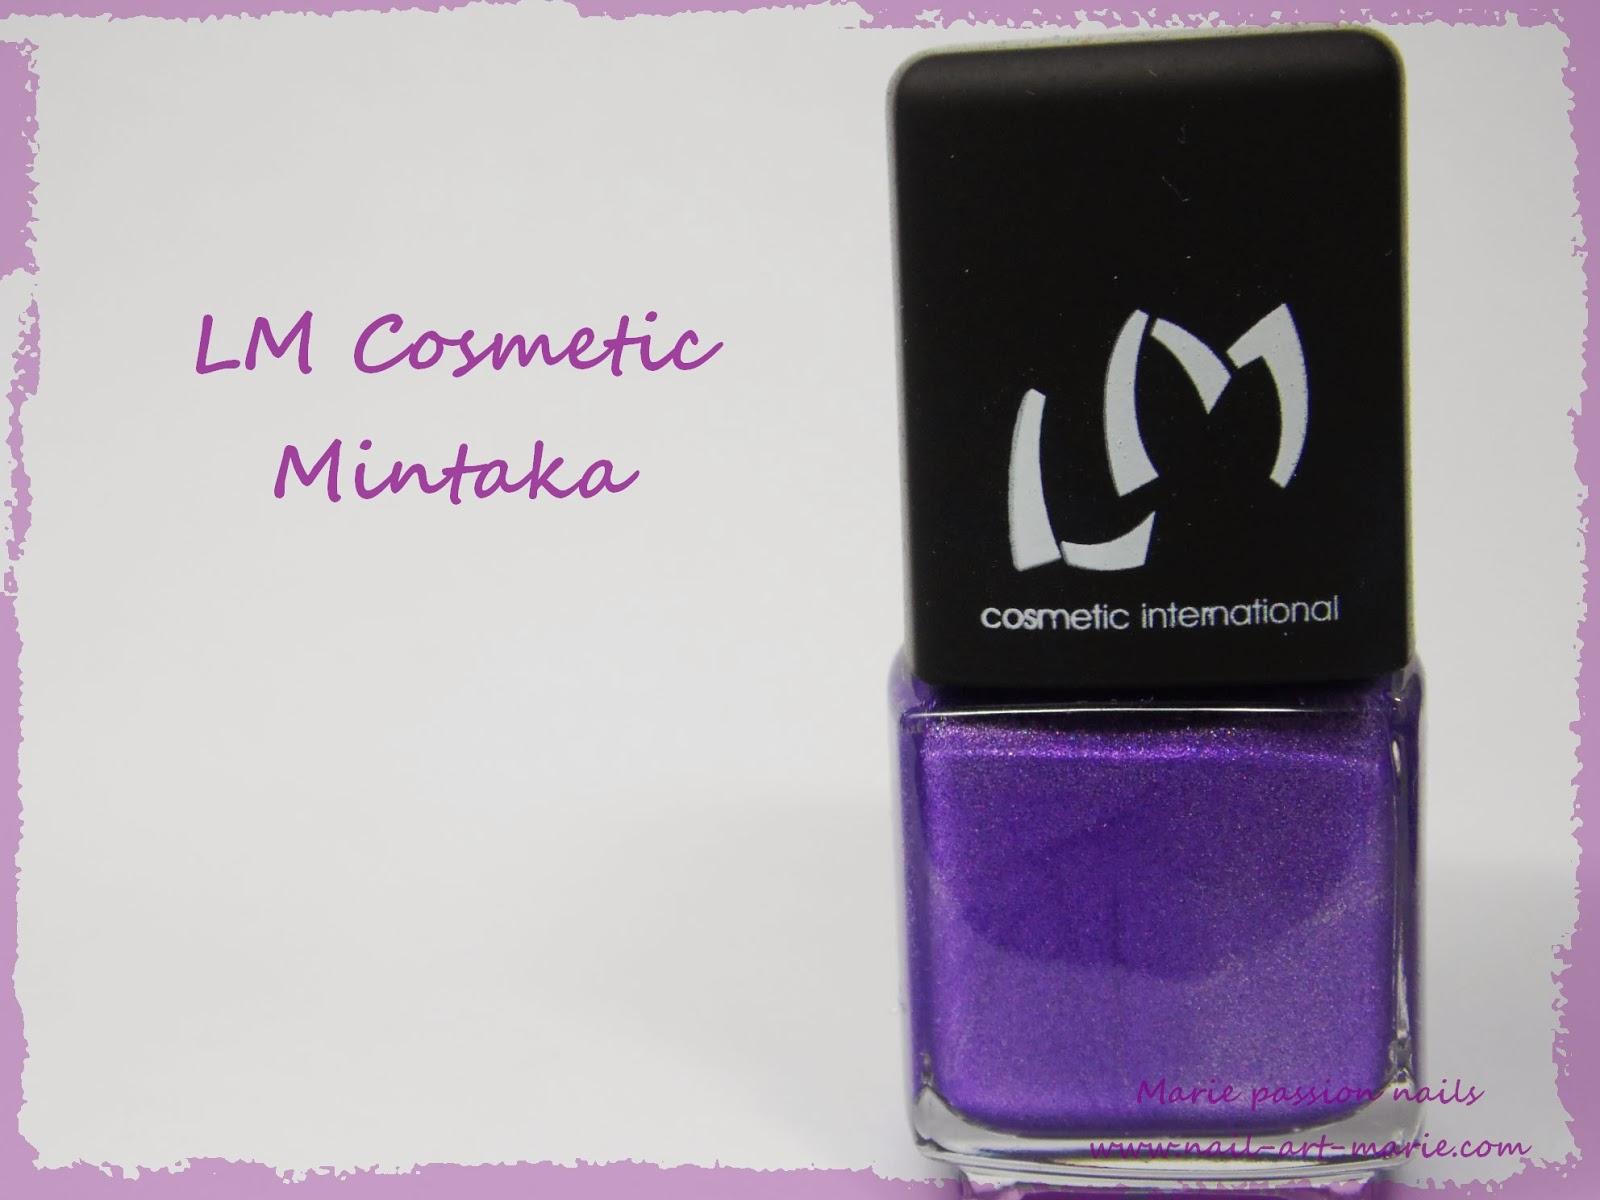 LM Cosmetic Mintaka1